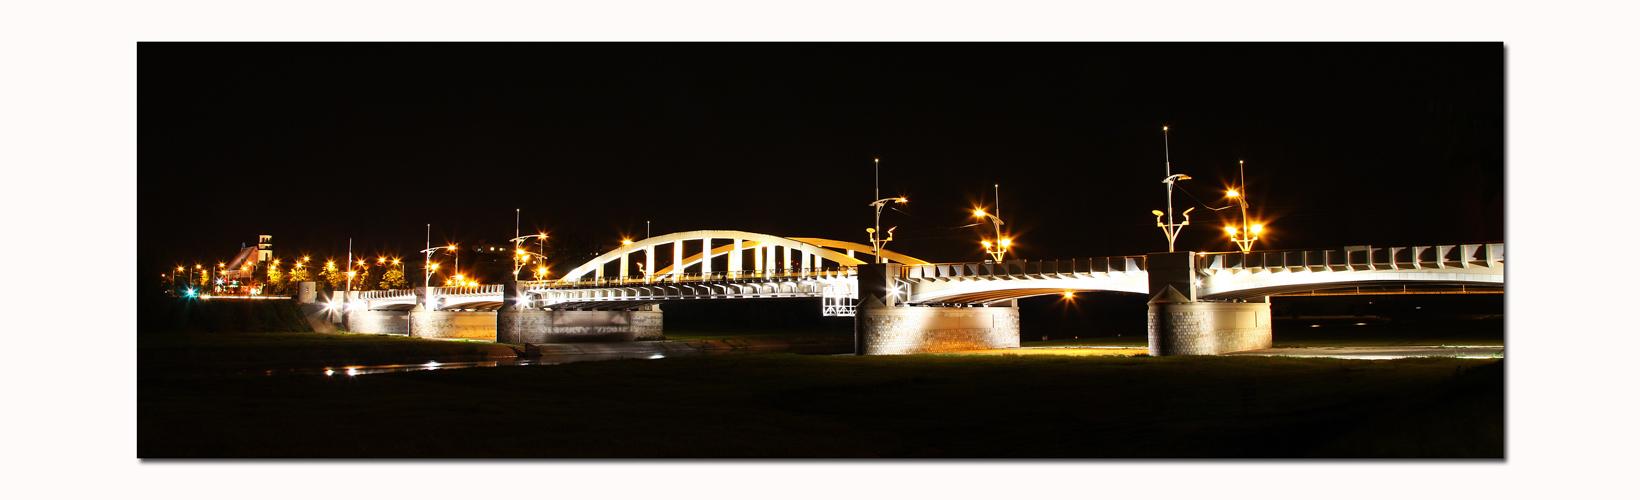 * Bogenbrücke *